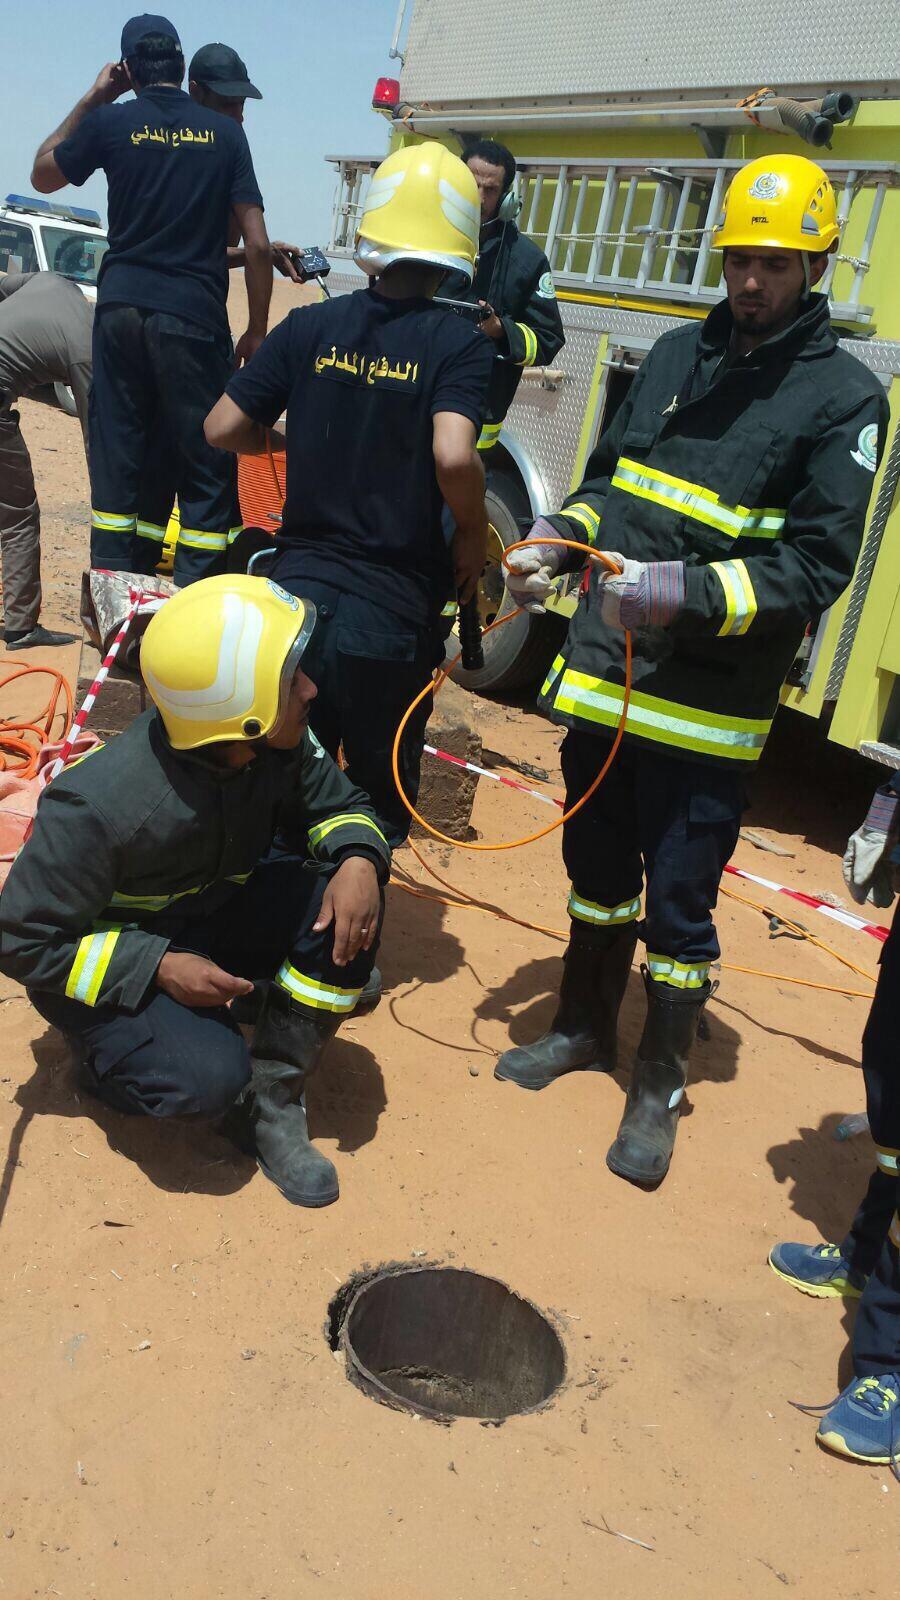 ملفعملية إنقاذ من رجال الدفاع المدني السعوديjpg ويكيبيديا